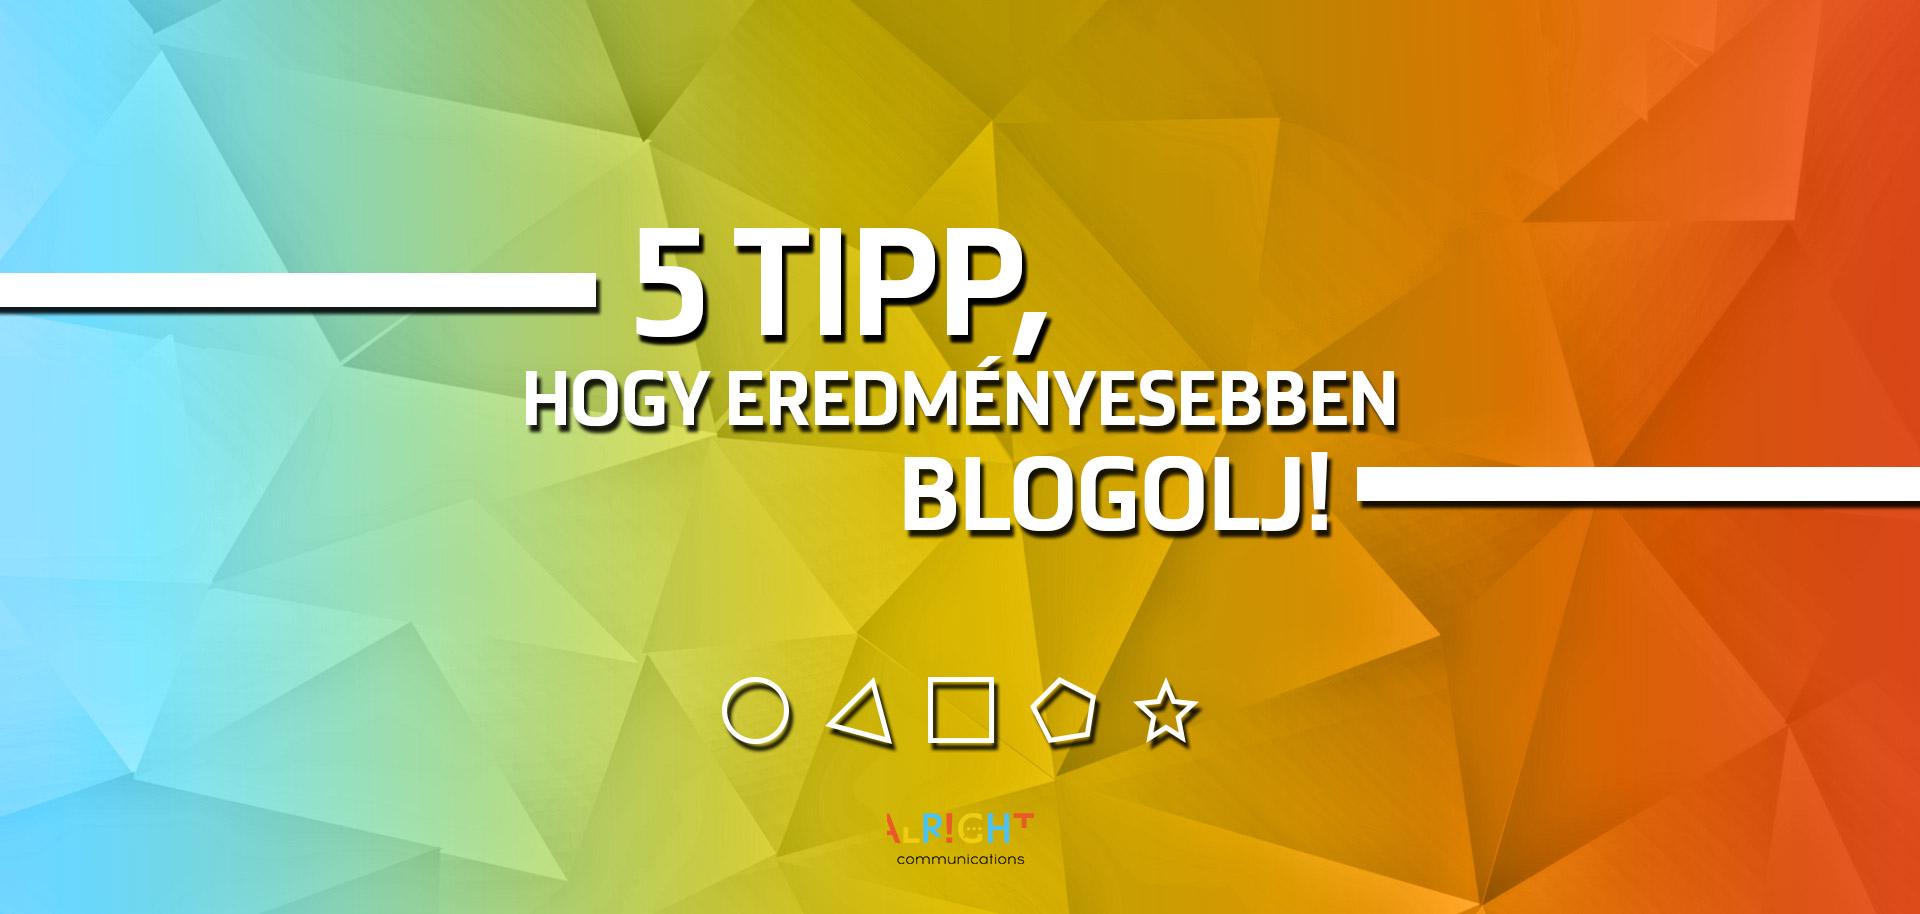 5 tipp, hogy eredményesebben blogolj!